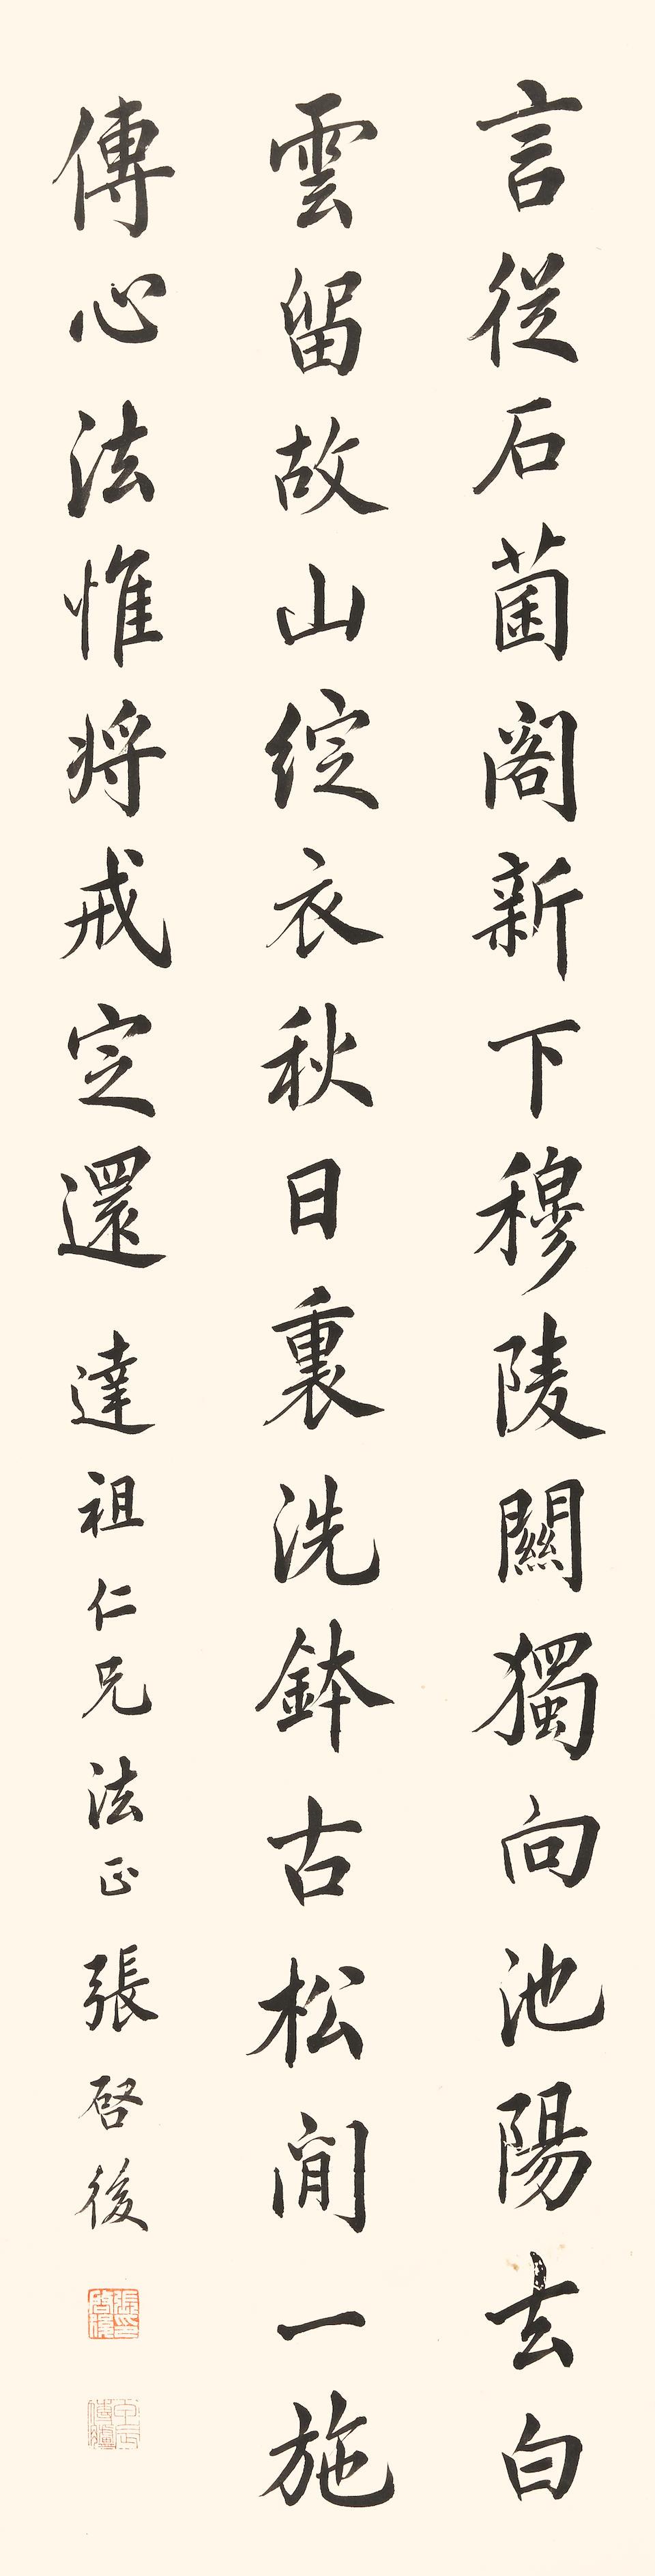 Liu Chunlin (1872-1944),  Zhu Ruzhen (1870-1940), Shang Yanliu (1874-1963), Zhang Qihou (1873-1944), Four Calligraphy in Running Script